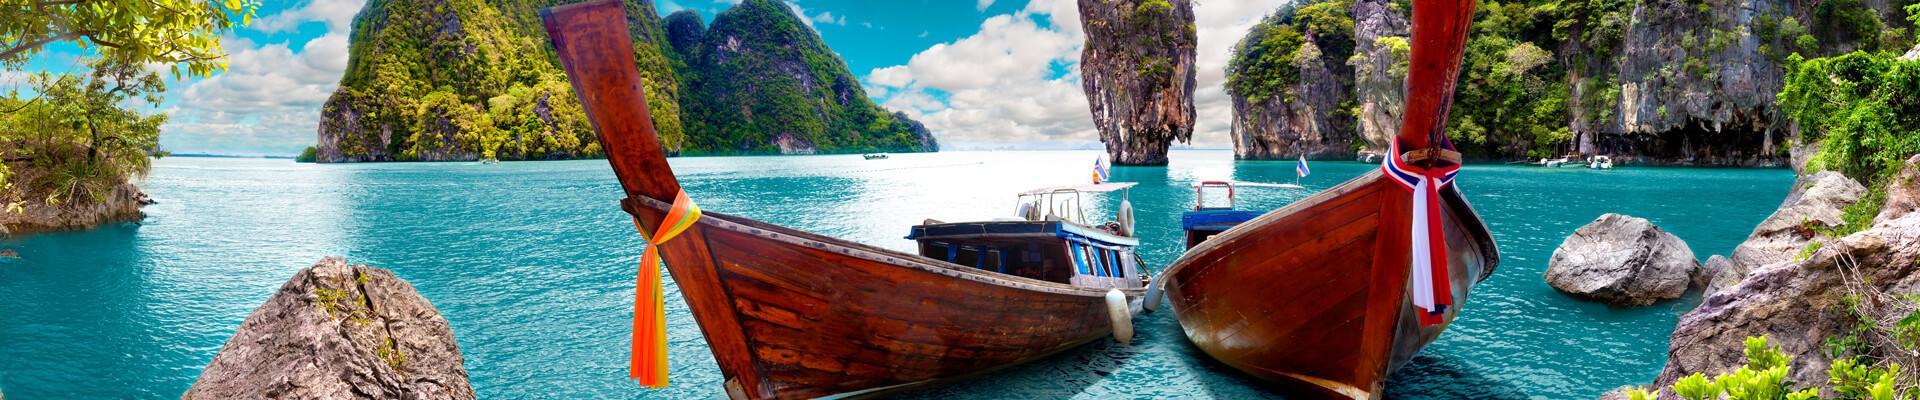 Tajland internetska stranica za upoznavanje